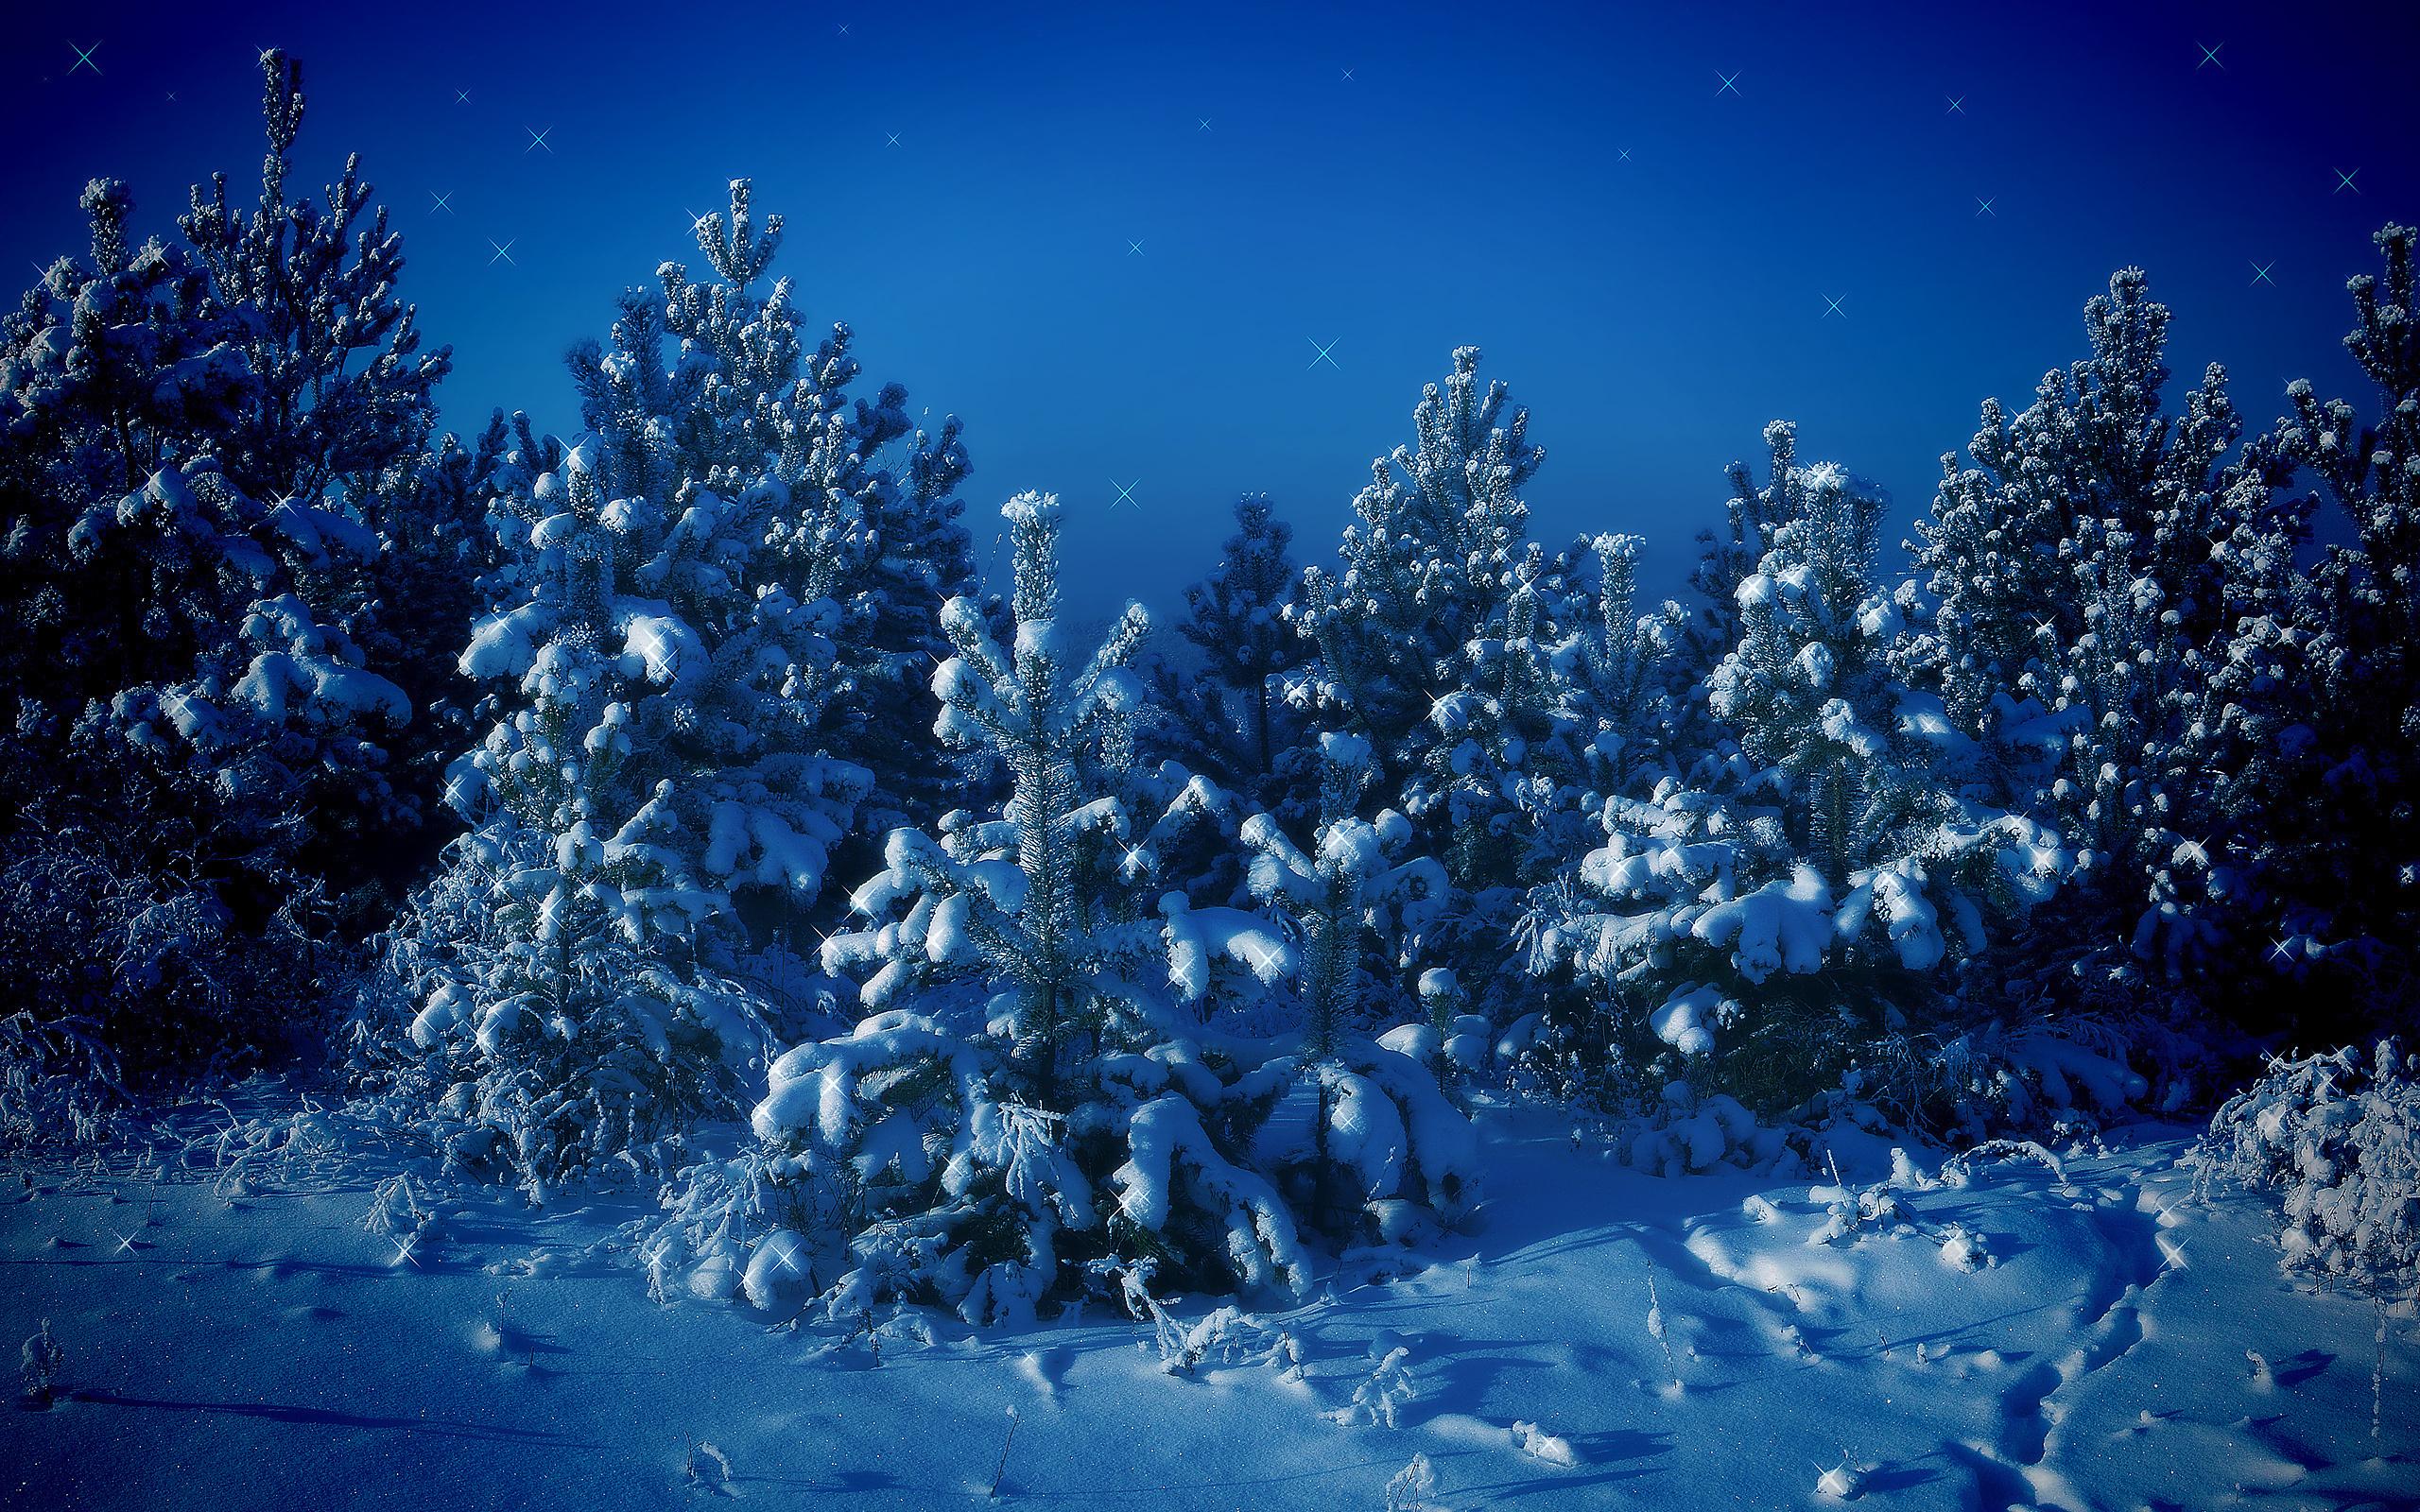 Падает снег картинки на рабочий стол, поздравлением днем